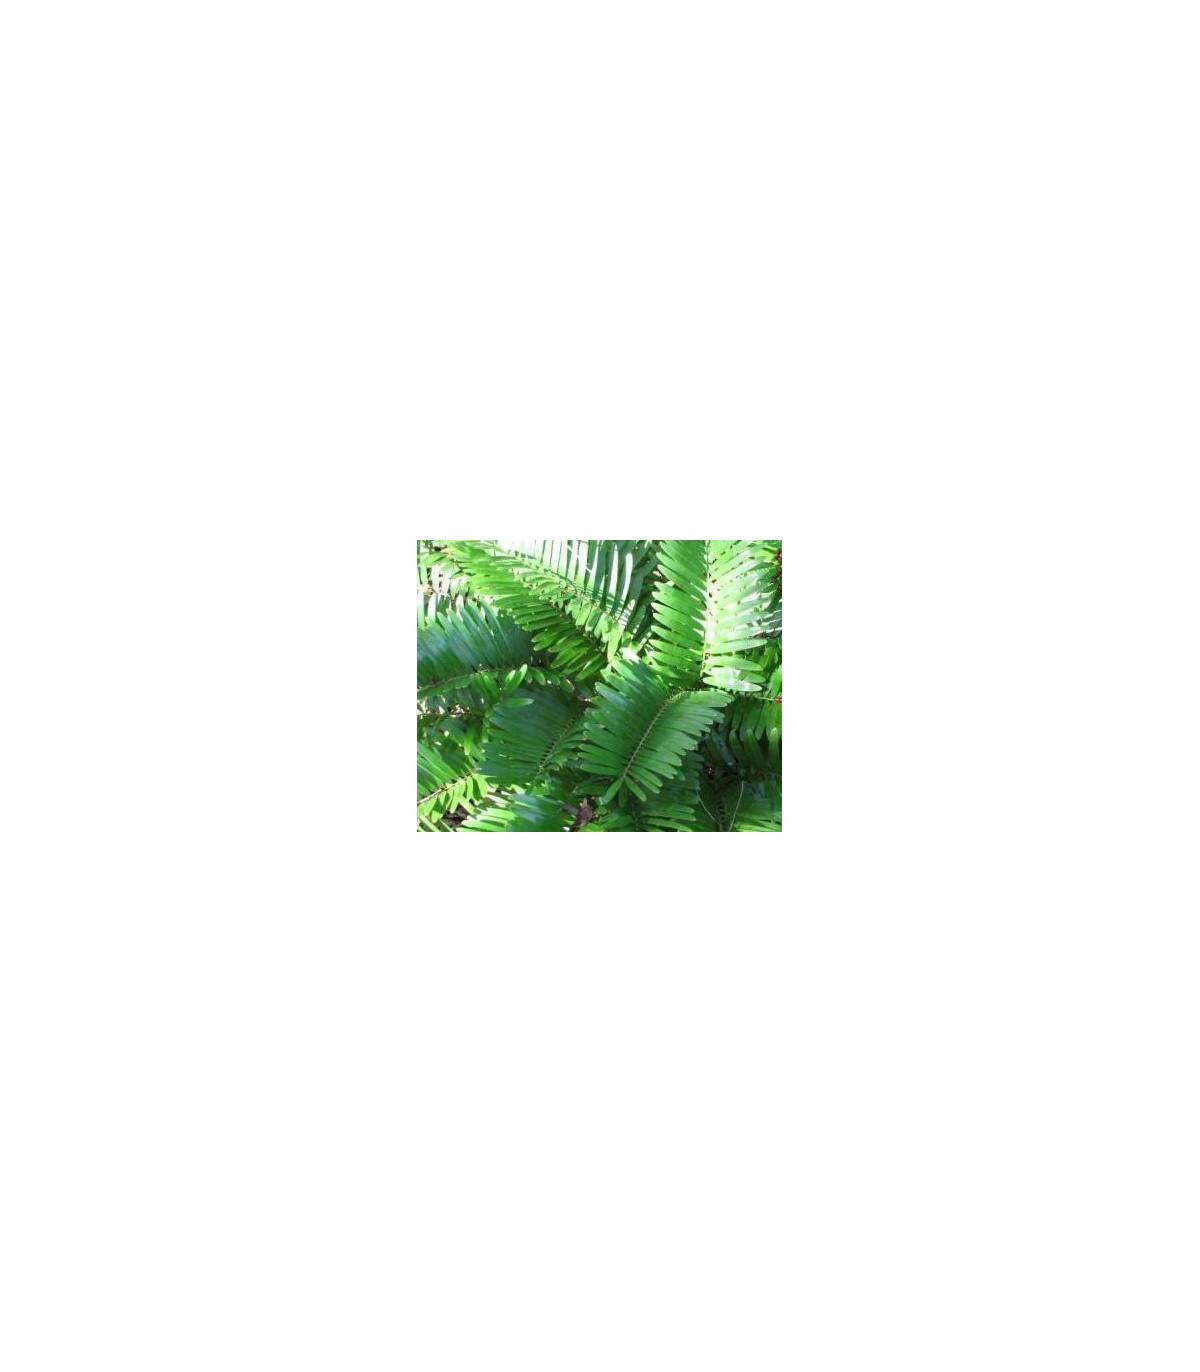 Cykas Zamia floridana - Keják drobný semínka - 2 ks